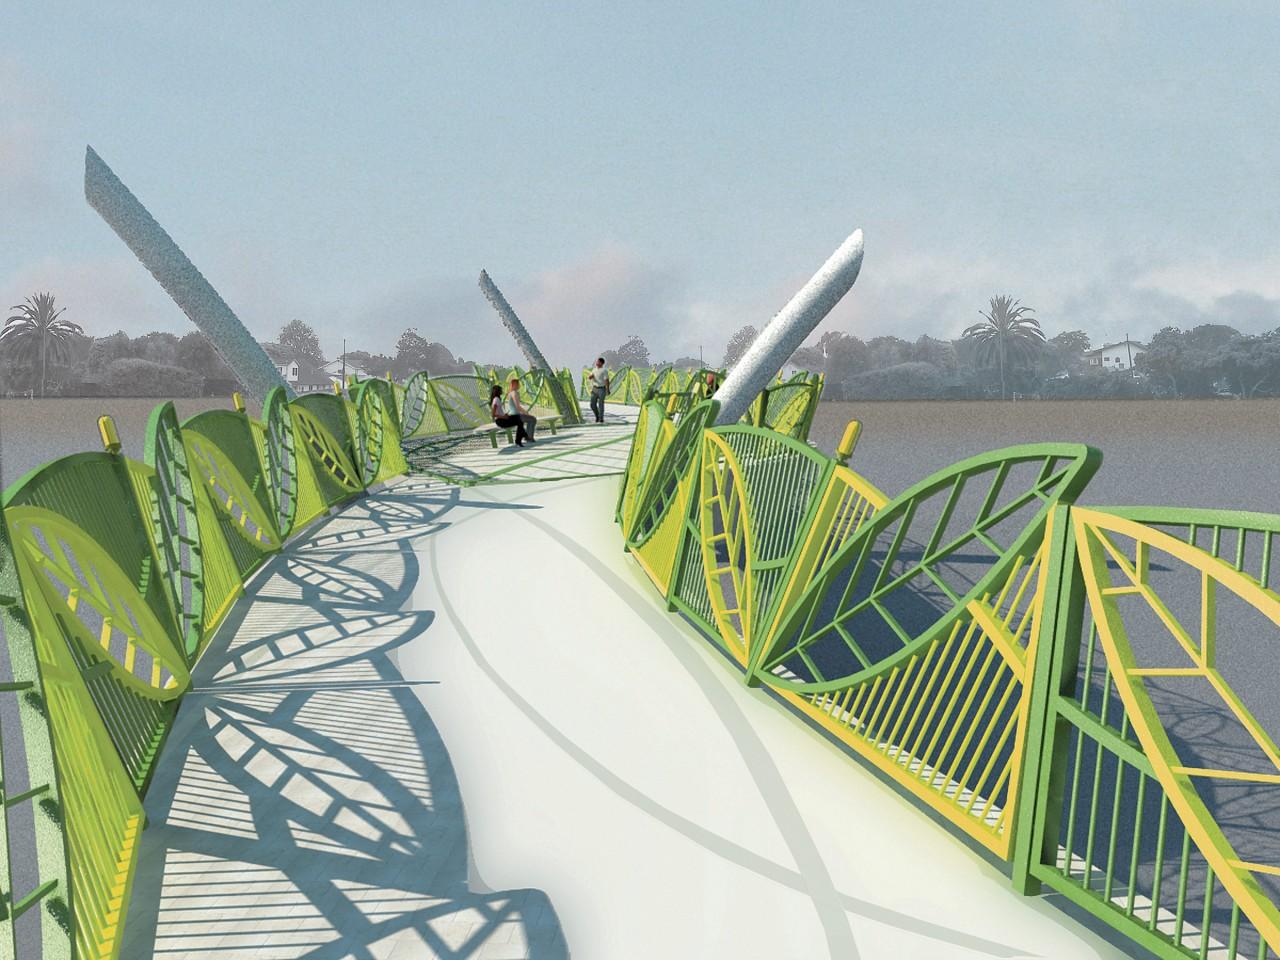 Leaf Bridge, Culver City, California / image 1